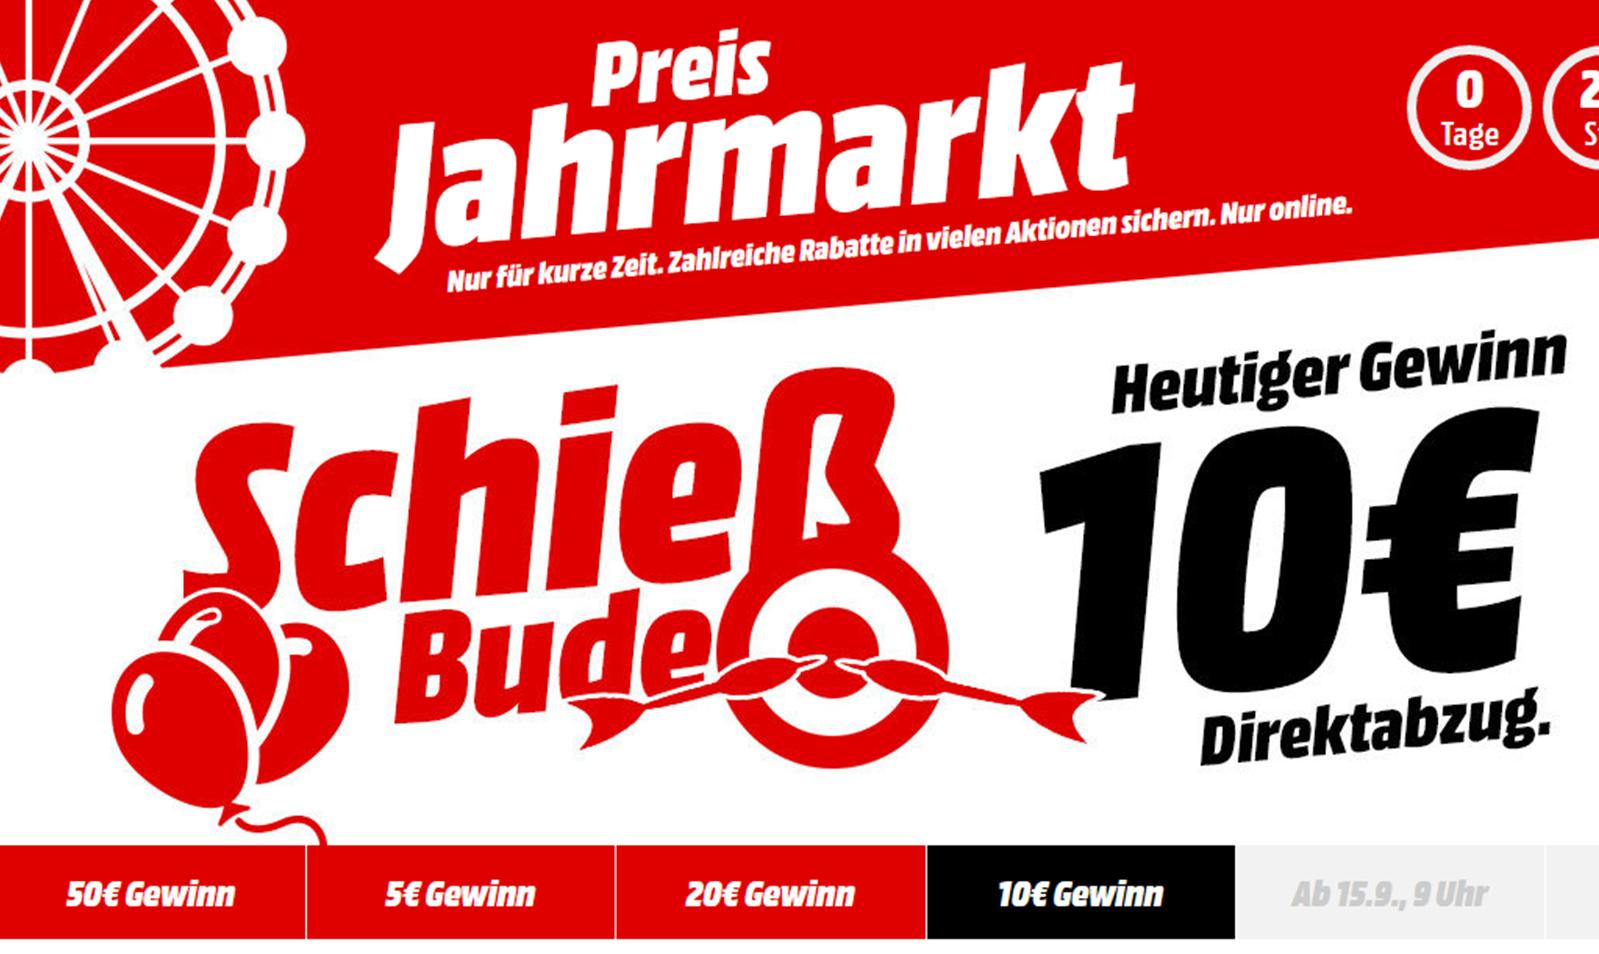 Heute beim Mediamarkt Preis Jahrmarkt: 10 Euro Sofortabzug - Sammelthread